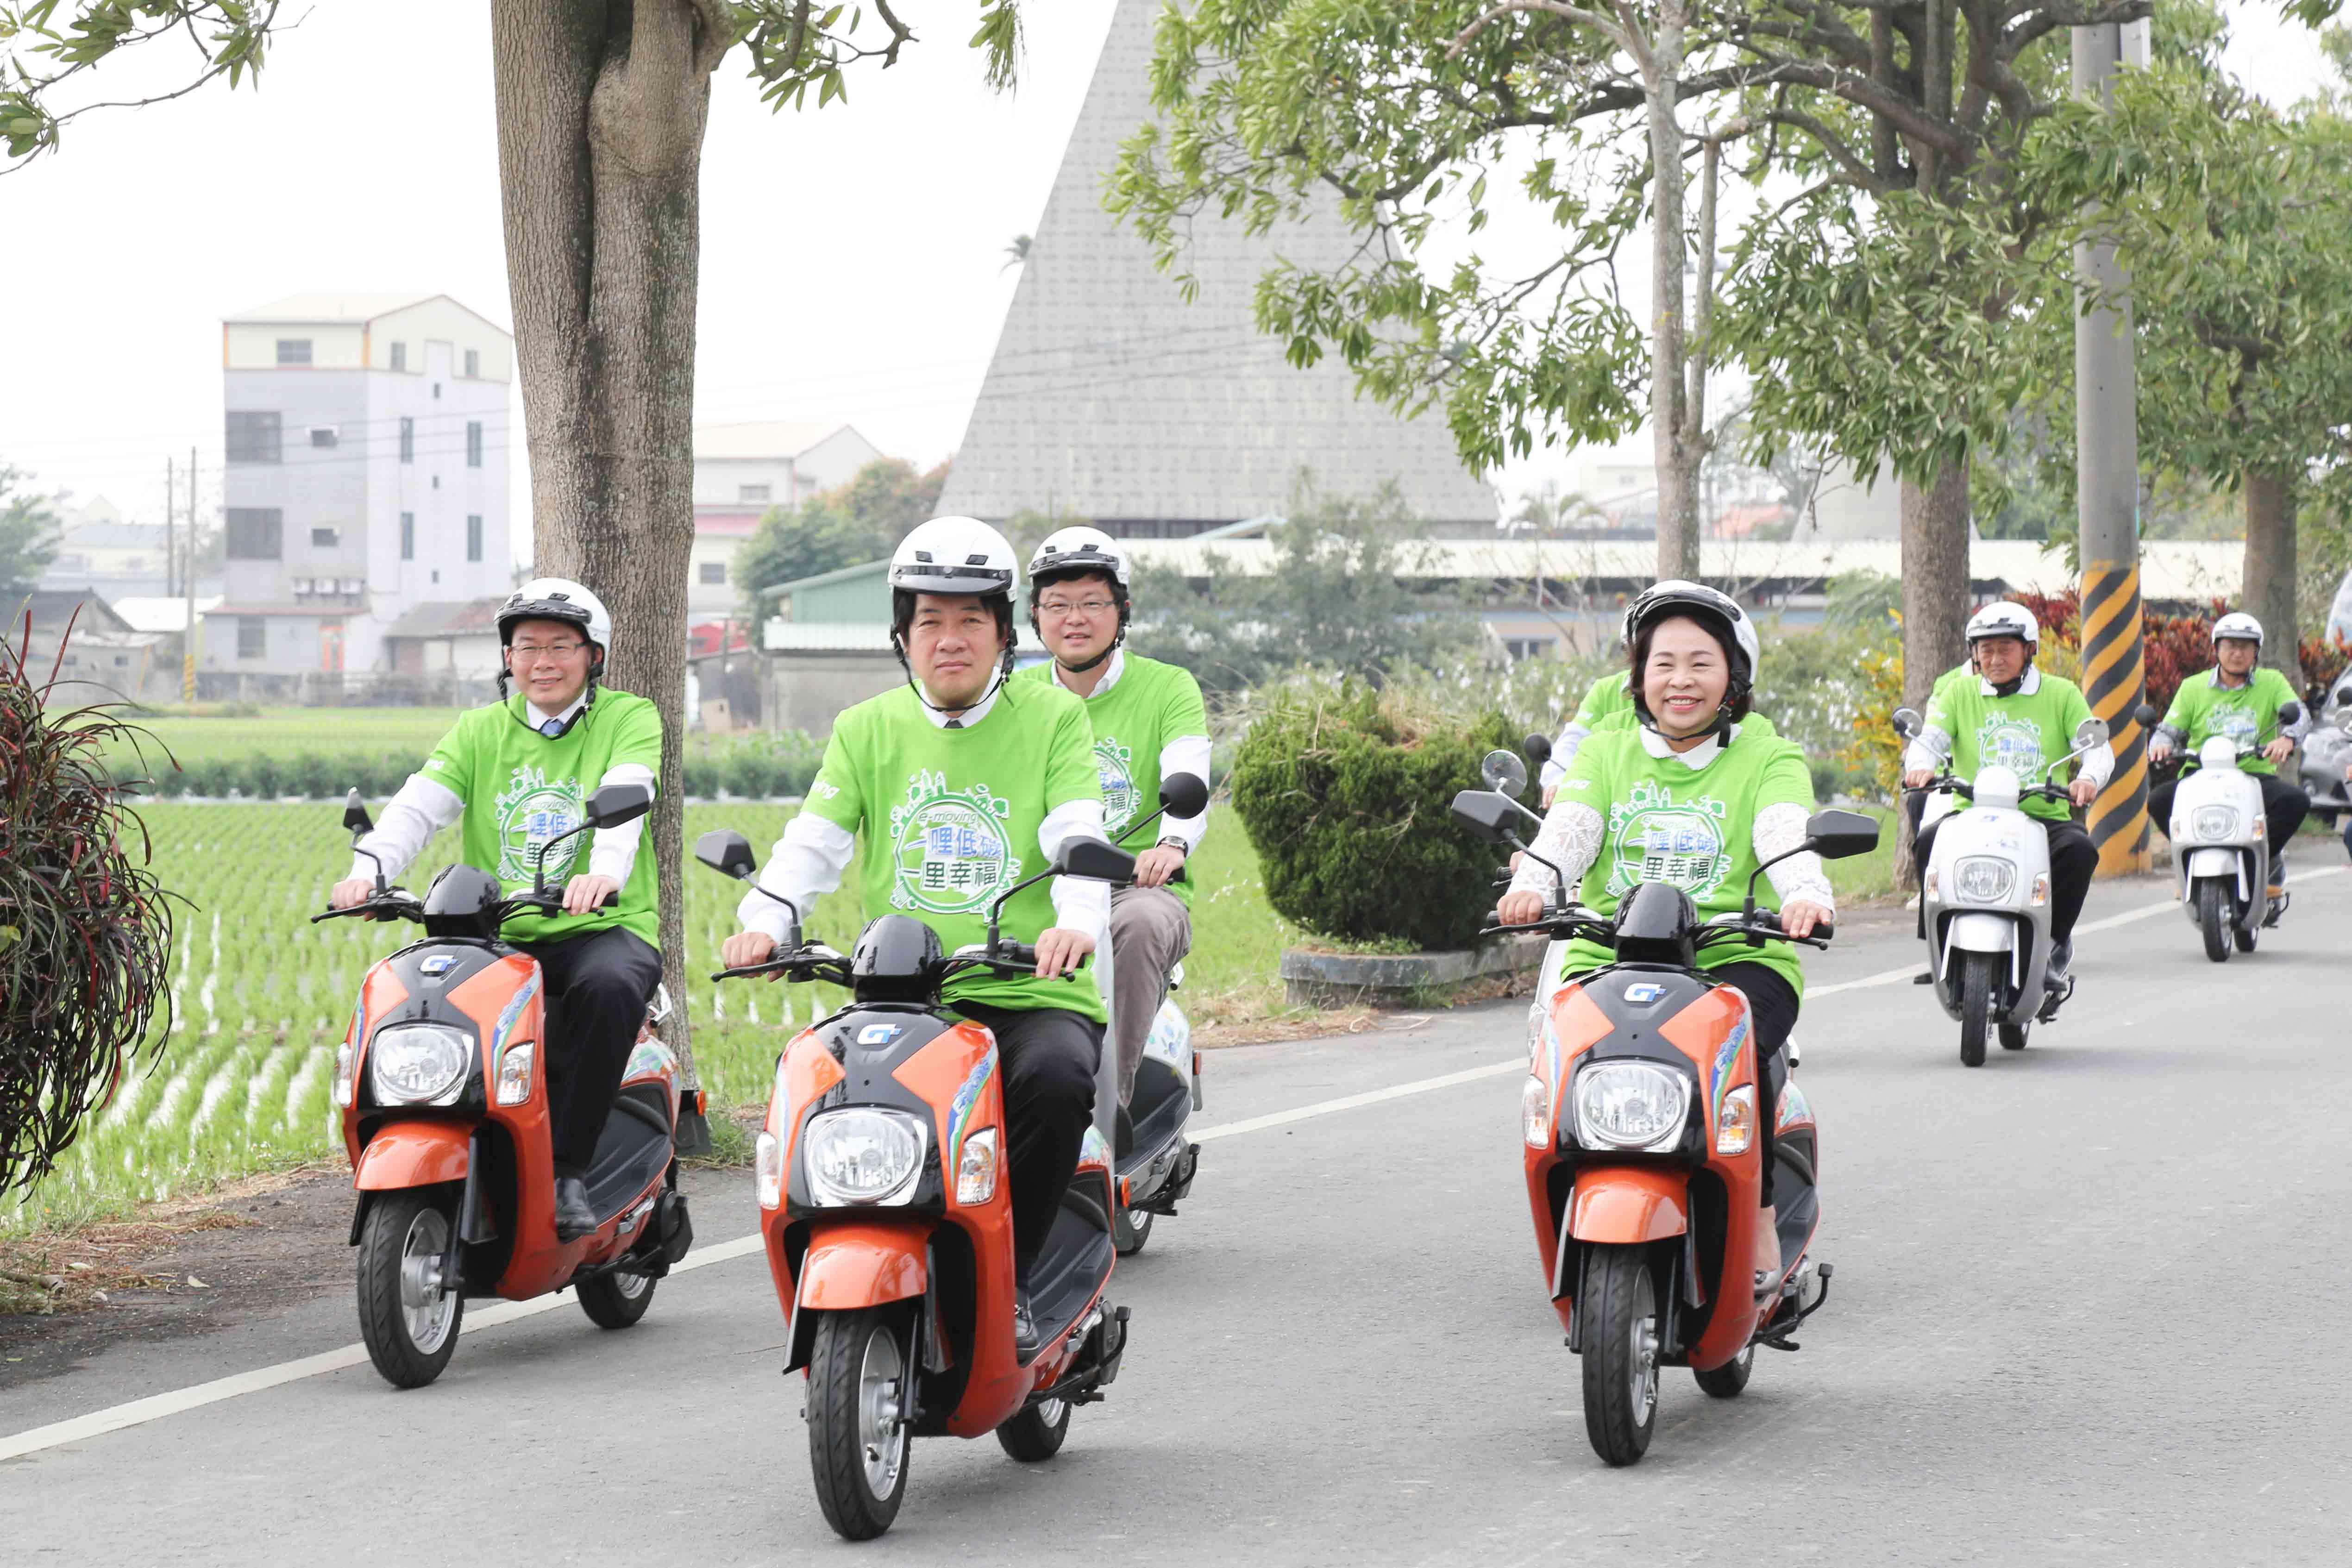 推廣低碳旅遊 台南後壁區設立電動二輪租賃站